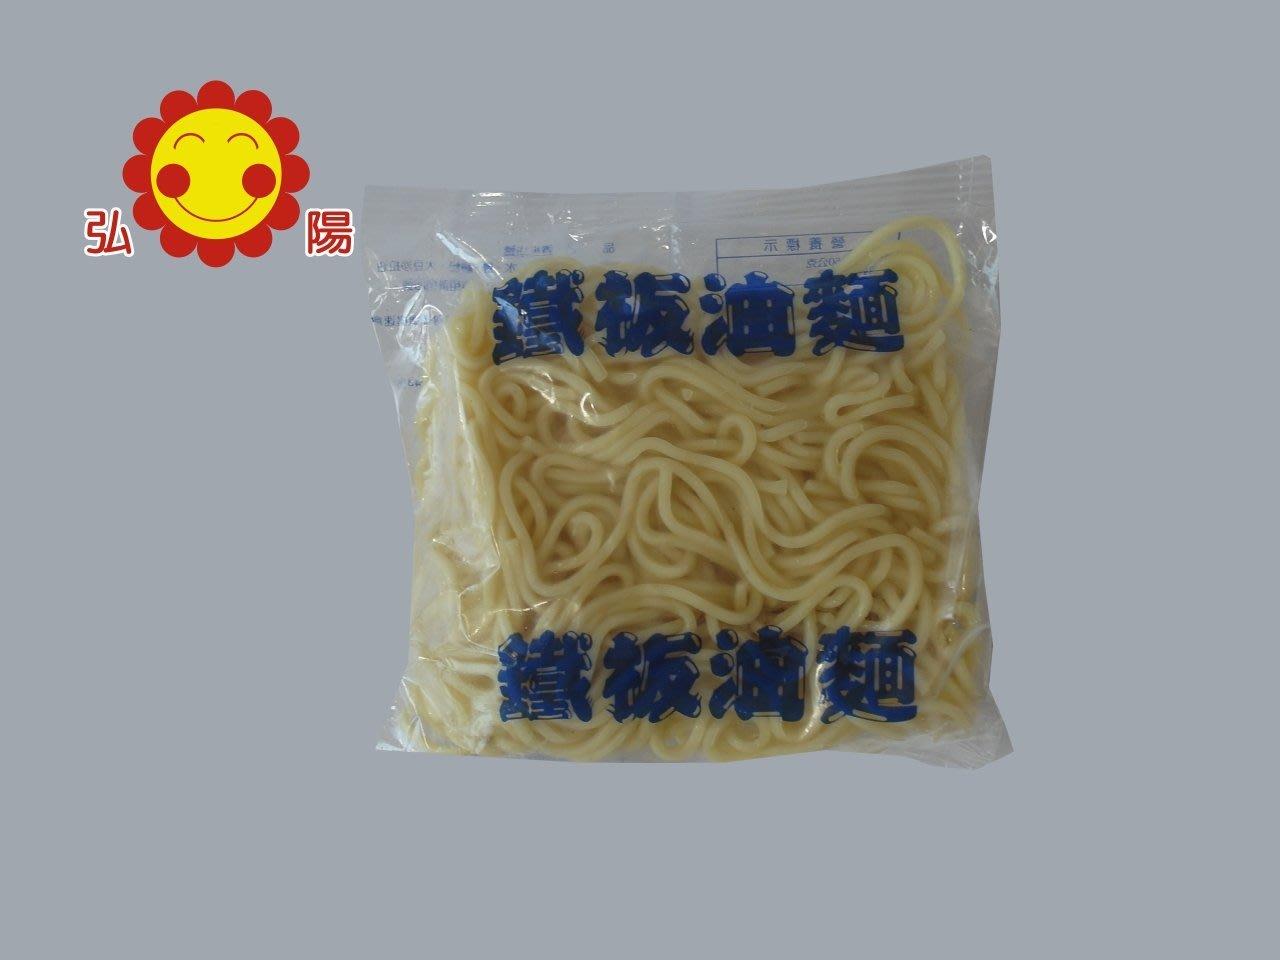 弘陽早餐食材批發鐵板油麵 (黑胡椒/蘑菇) 10組/袋 早點食材中央廚房量大來電洽詢另有優惠